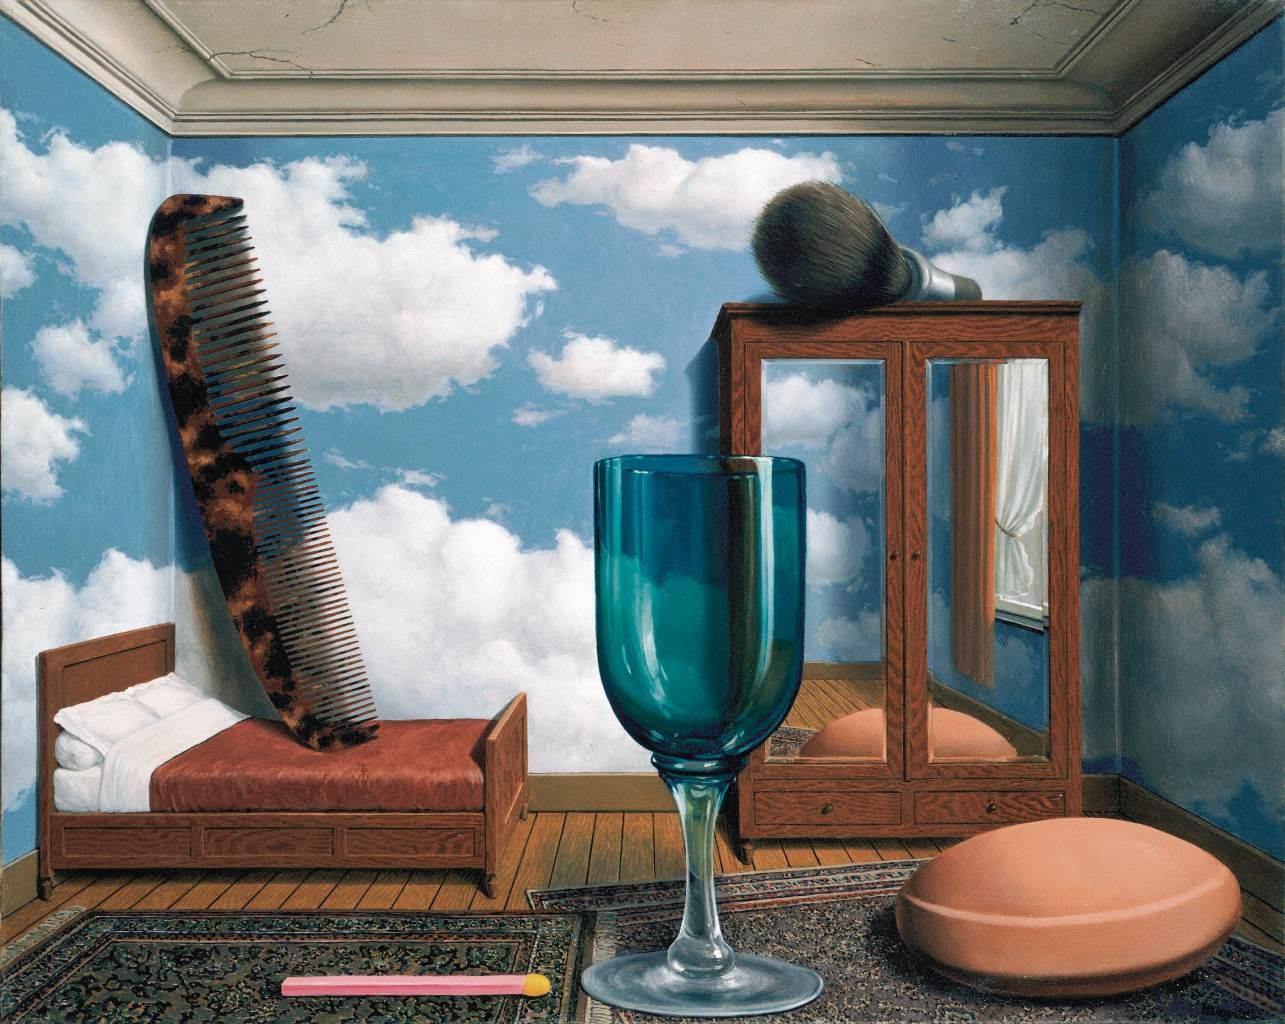 lecture magritte surrealismus wien alte und moderne kunst. Black Bedroom Furniture Sets. Home Design Ideas